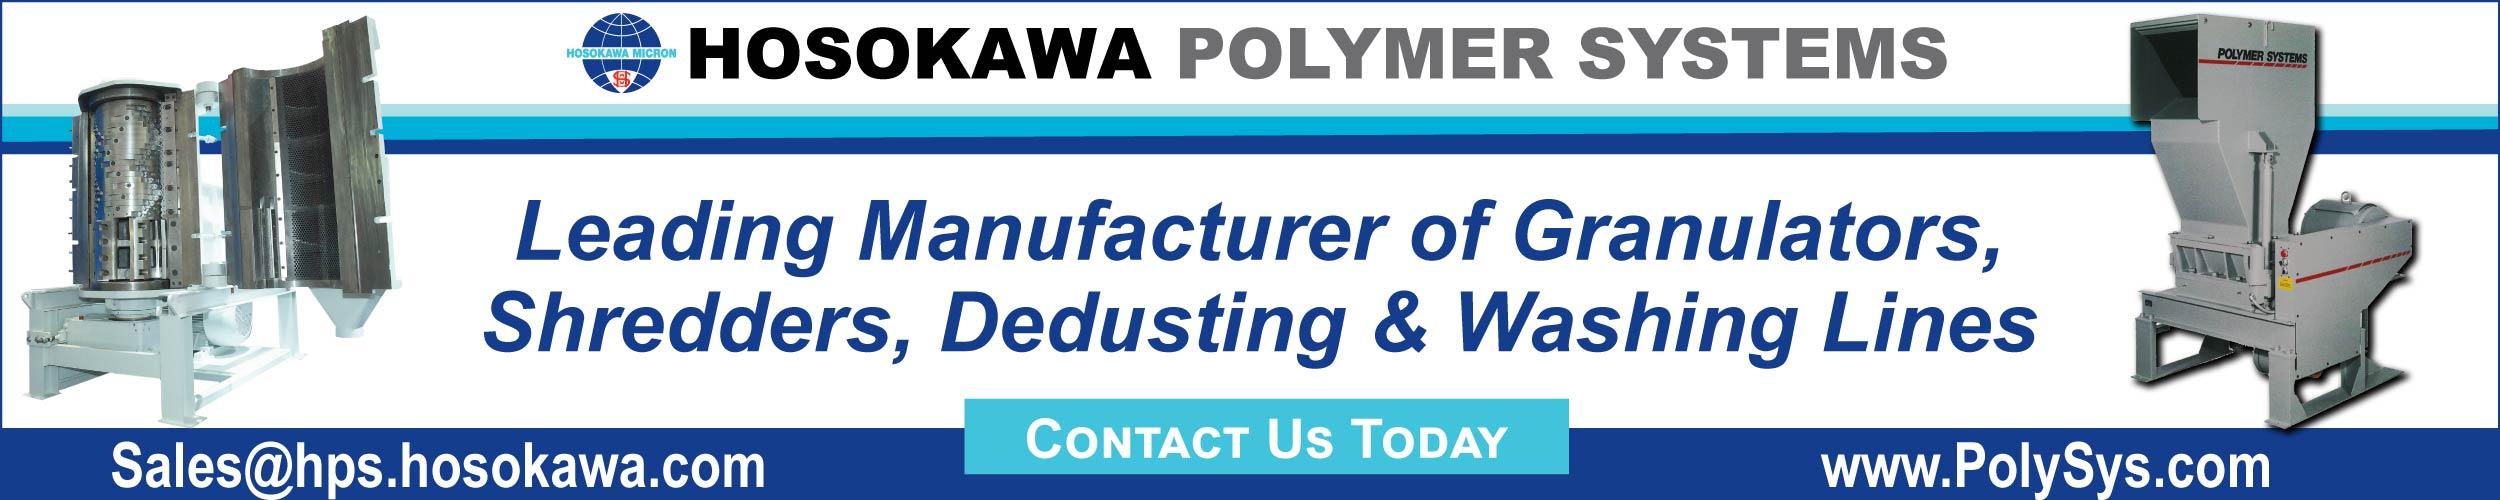 Hosokawa Polymer Systems - www.polysys.com